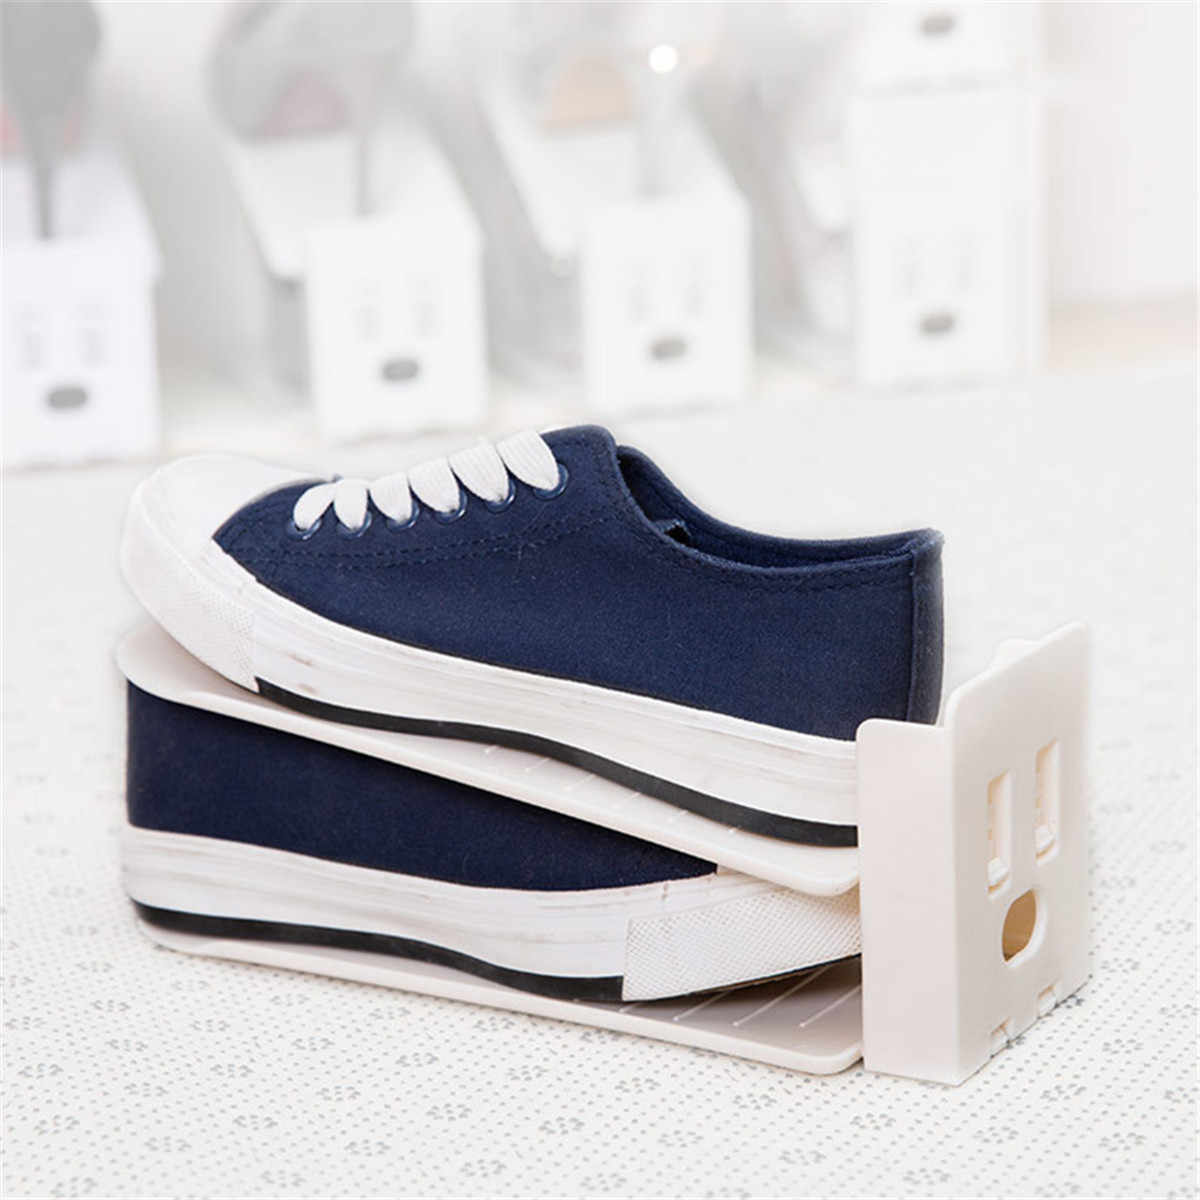 5 teile/satz Einstellbare 3 Ebene Schuh Rack Lagerung Box Schuh Veranstalter Schuhe Unterstützung Slot platzsparende Schrank Schrank Stehen schuhkarton